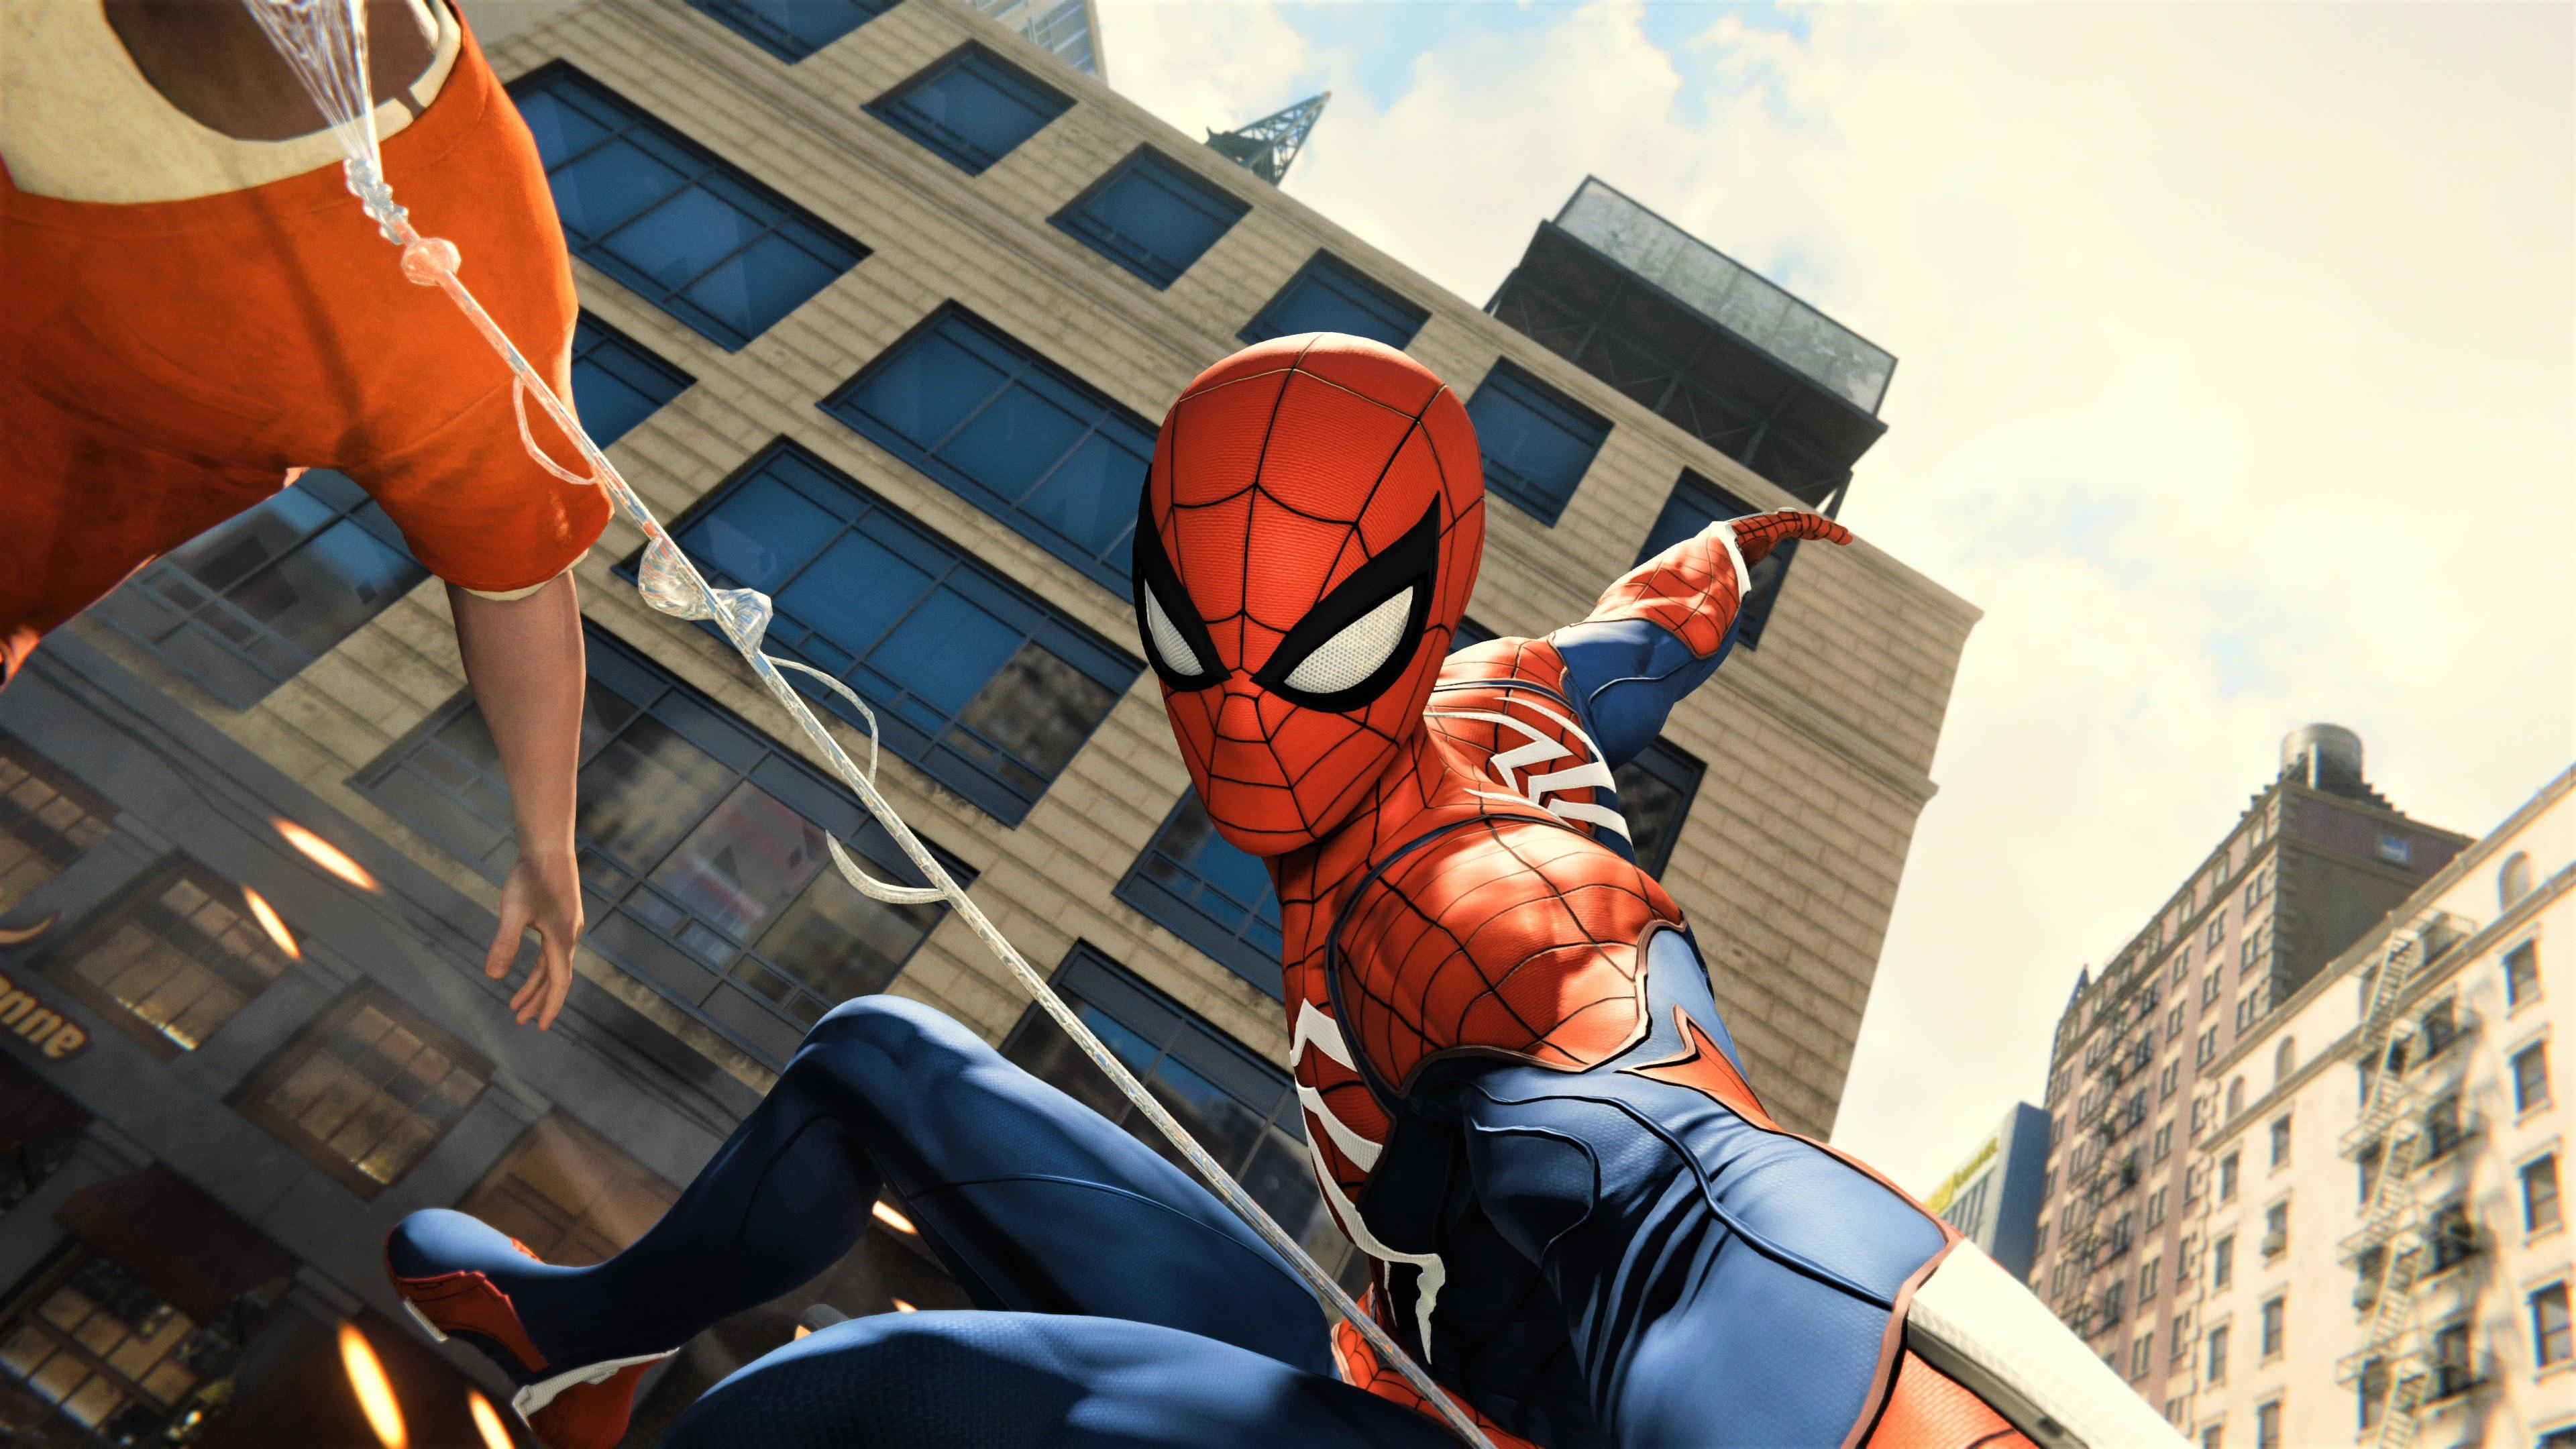 Spider-Man PS4 Wallpaper 4K (13)